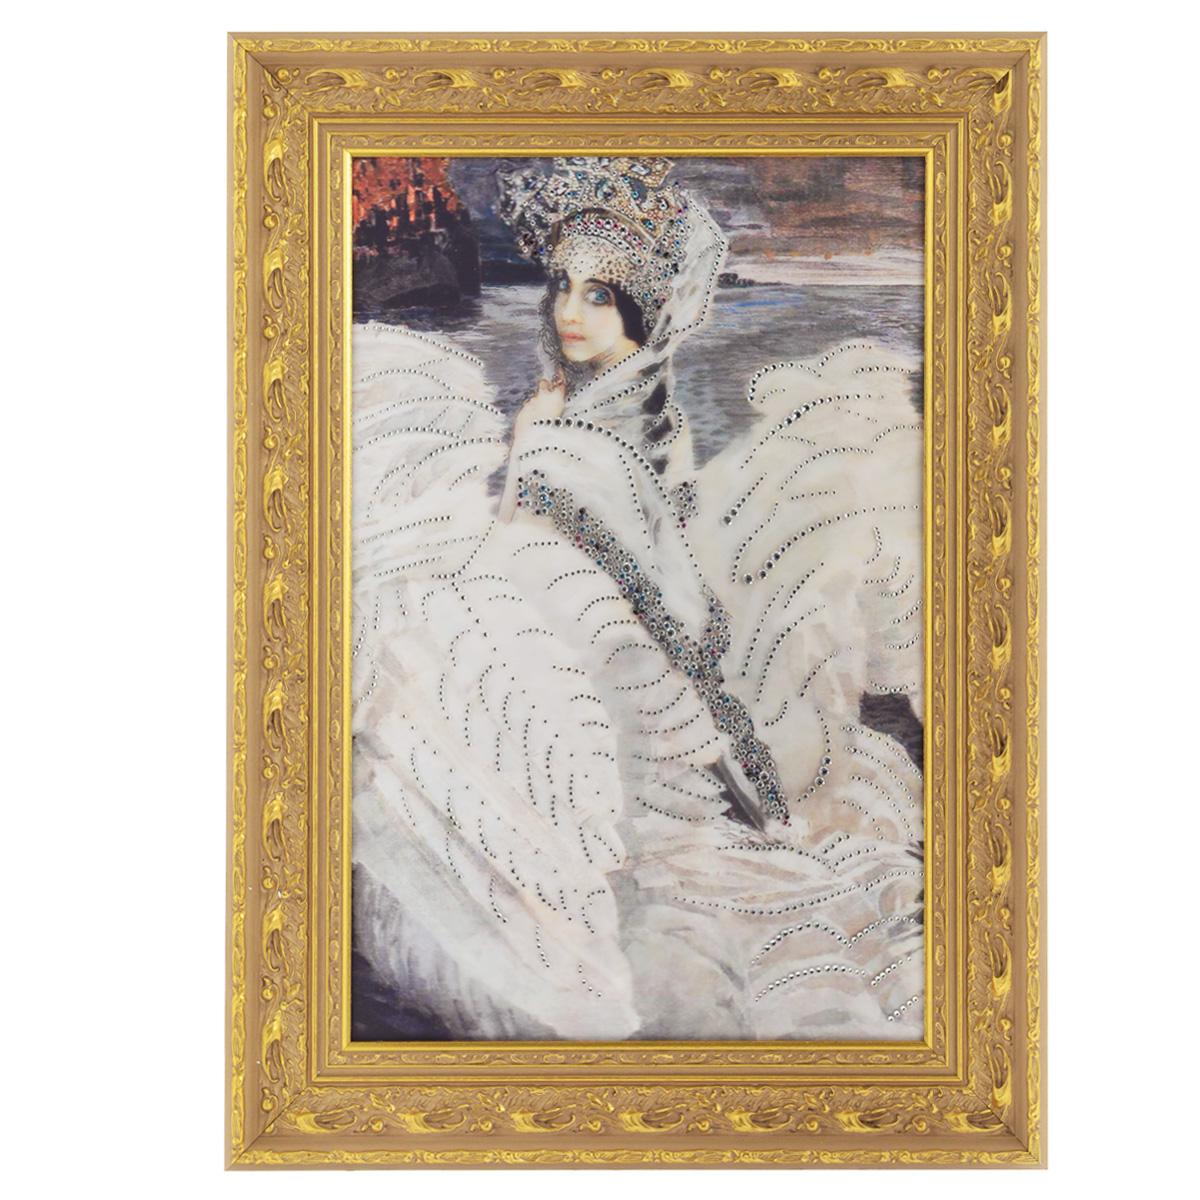 Картина с кристаллами Swarovski Царевна-Лебедь, 59,5 х 81 см1387Изящная картина в багетной раме, инкрустирована кристаллами Swarovski, которые отличаются четкой и ровной огранкой, ярким блеском и чистотой цвета. Красочное изображение прекрасной Царевны-Лебедь, расположенное под стеклом, прекрасно дополняет блеск кристаллов. С обратной стороны имеется металлическая проволока для размещения картины на стене. Картина с кристаллами Swarovski Царевна-Лебедь элегантно украсит интерьер дома или офиса, а также станет прекрасным подарком, который обязательно понравится получателю. Блеск кристаллов в интерьере, что может быть сказочнее и удивительнее. Картина упакована в подарочную картонную коробку синего цвета и комплектуется сертификатом соответствия Swarovski.